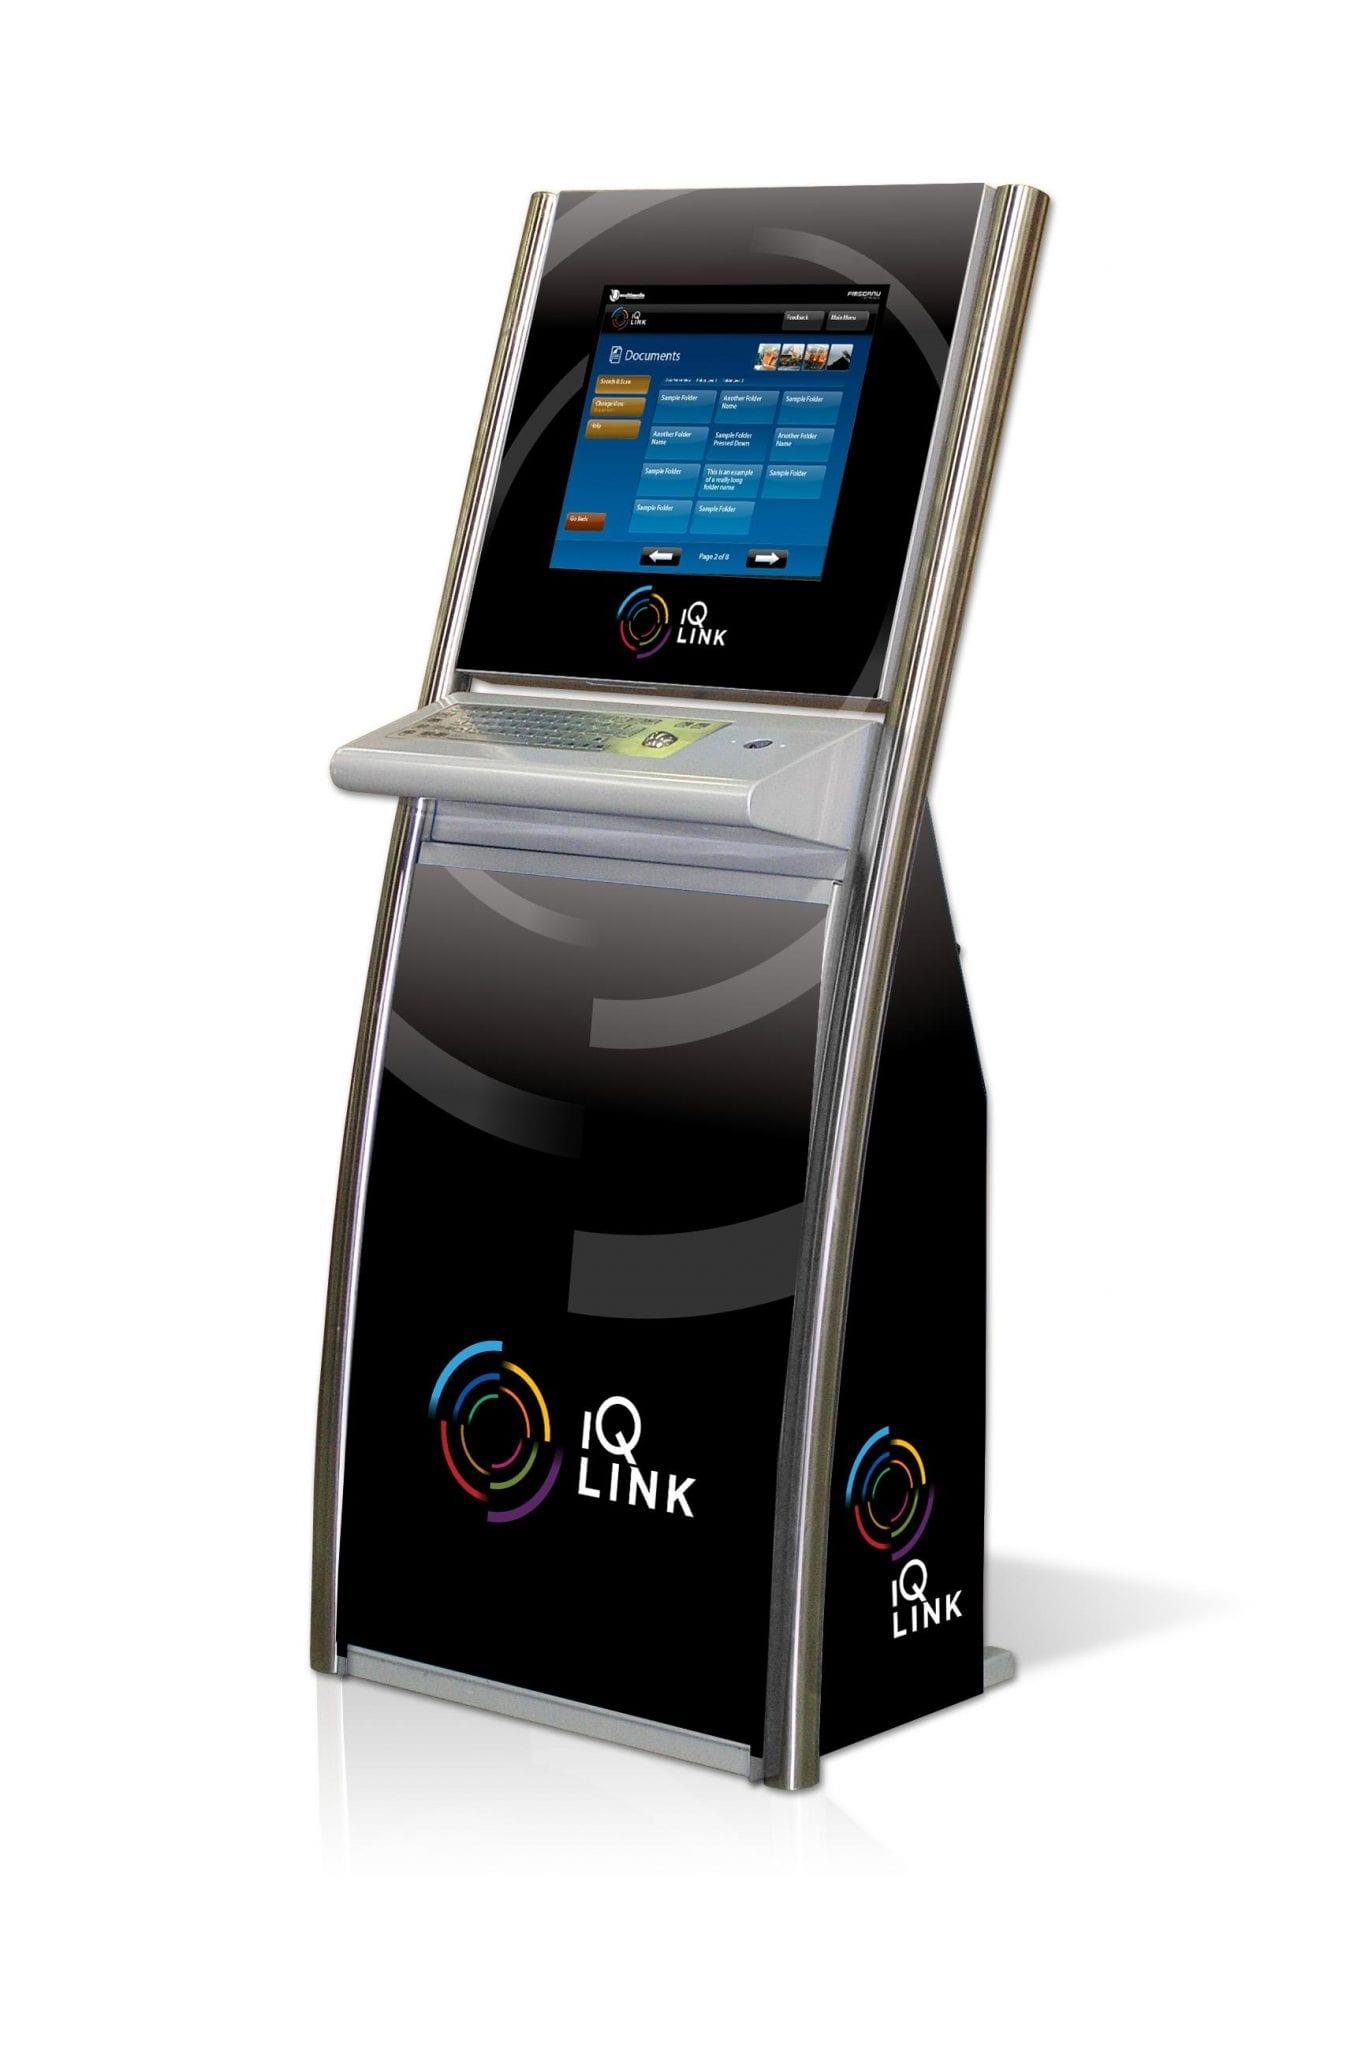 The ZYPOS sensor touch screen kiosk